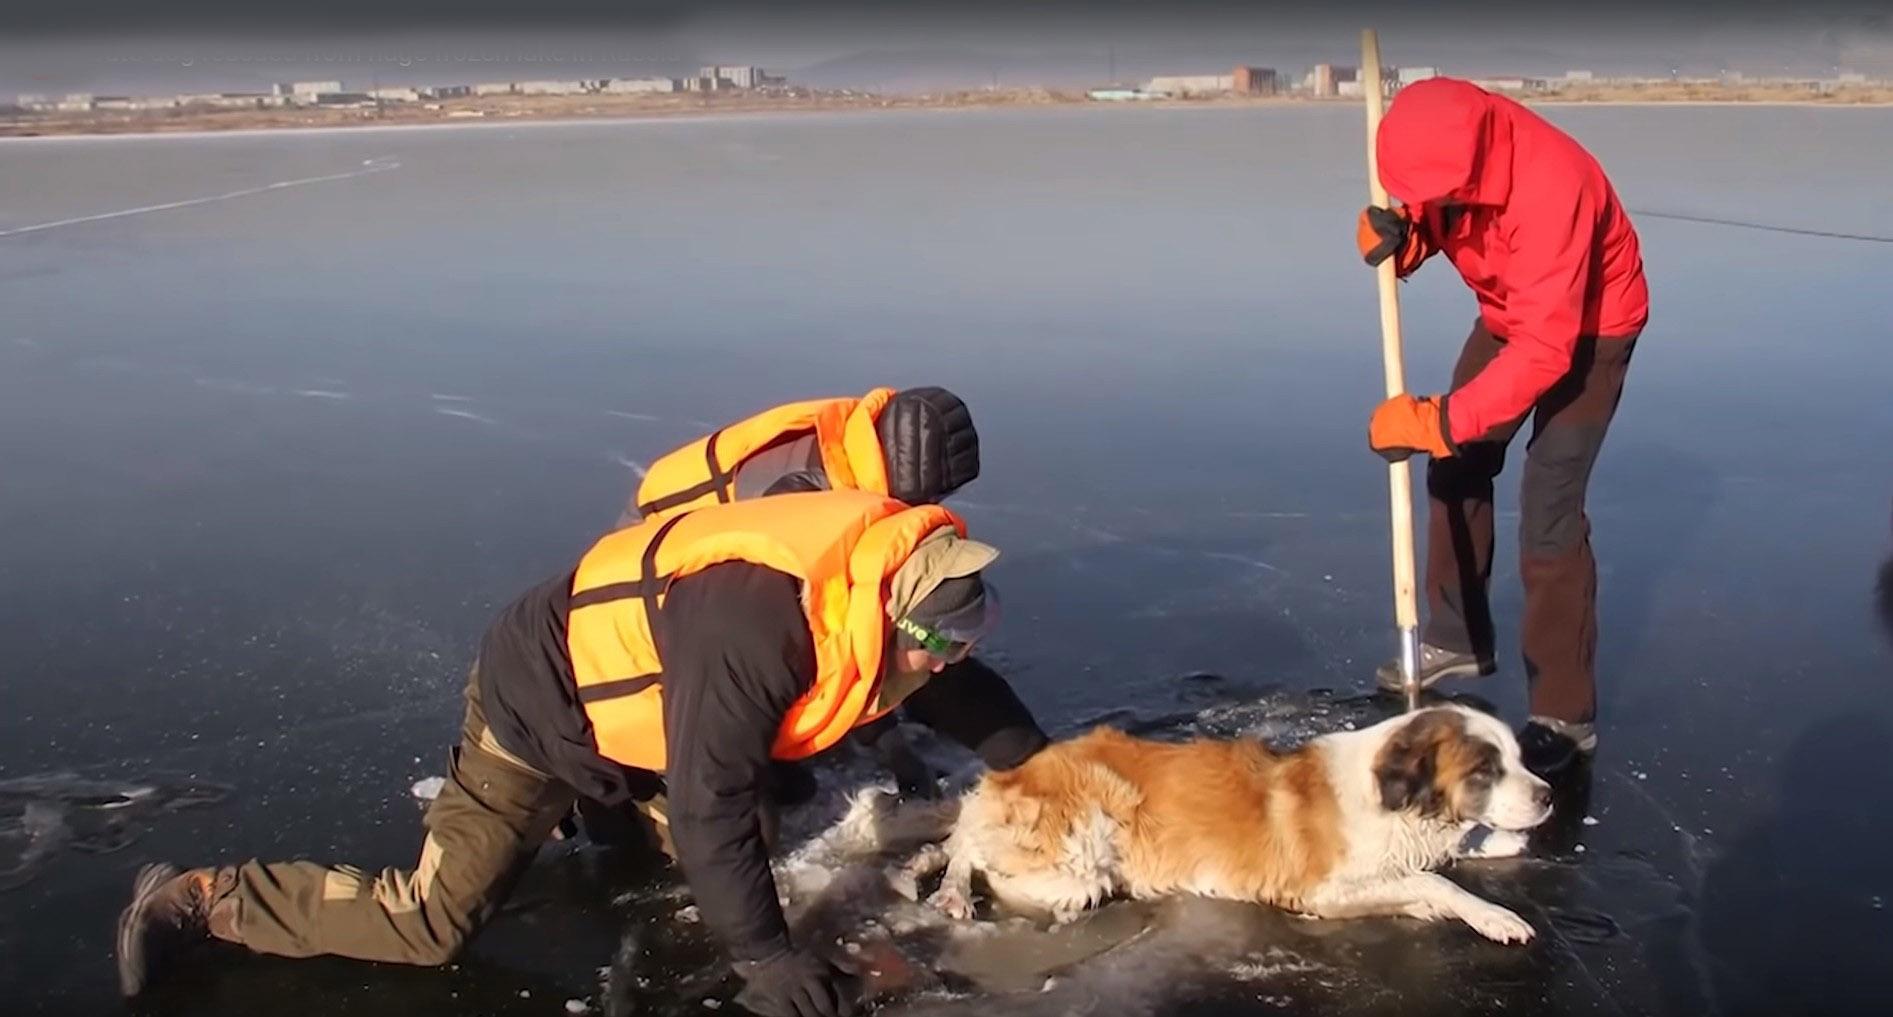 (上圖、左圖)俄羅斯救援人員冒著生命危險,在隨時都有破碎可能的結冰湖面,救援被冰困的狗狗。(影片截圖)